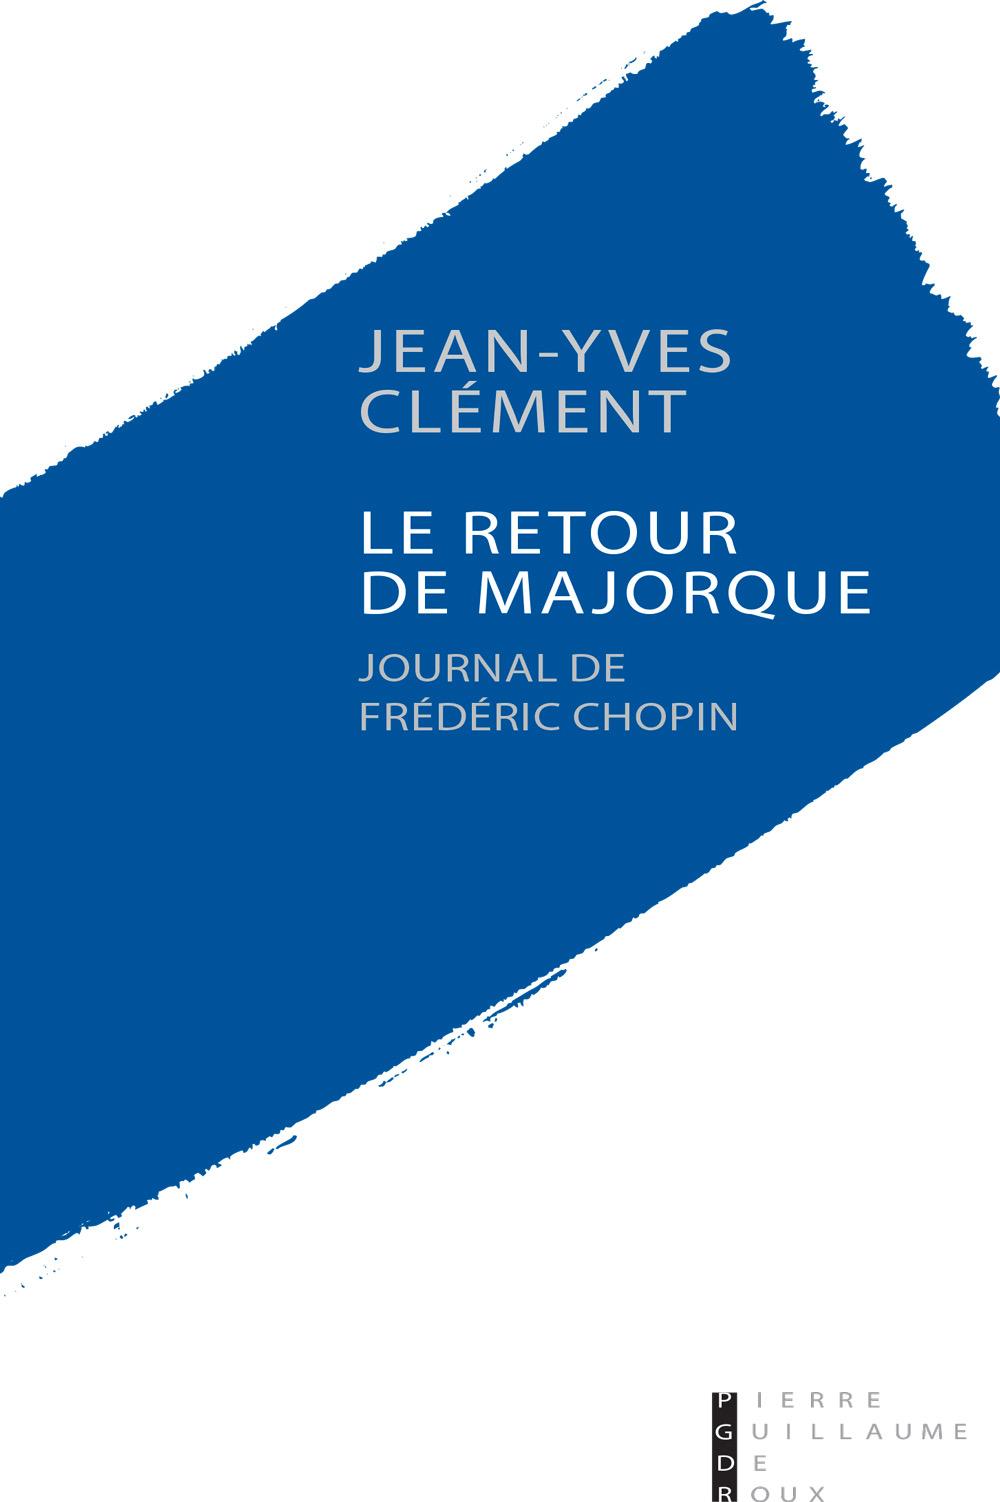 Jean-Yves Clément Le Retour de Majorque